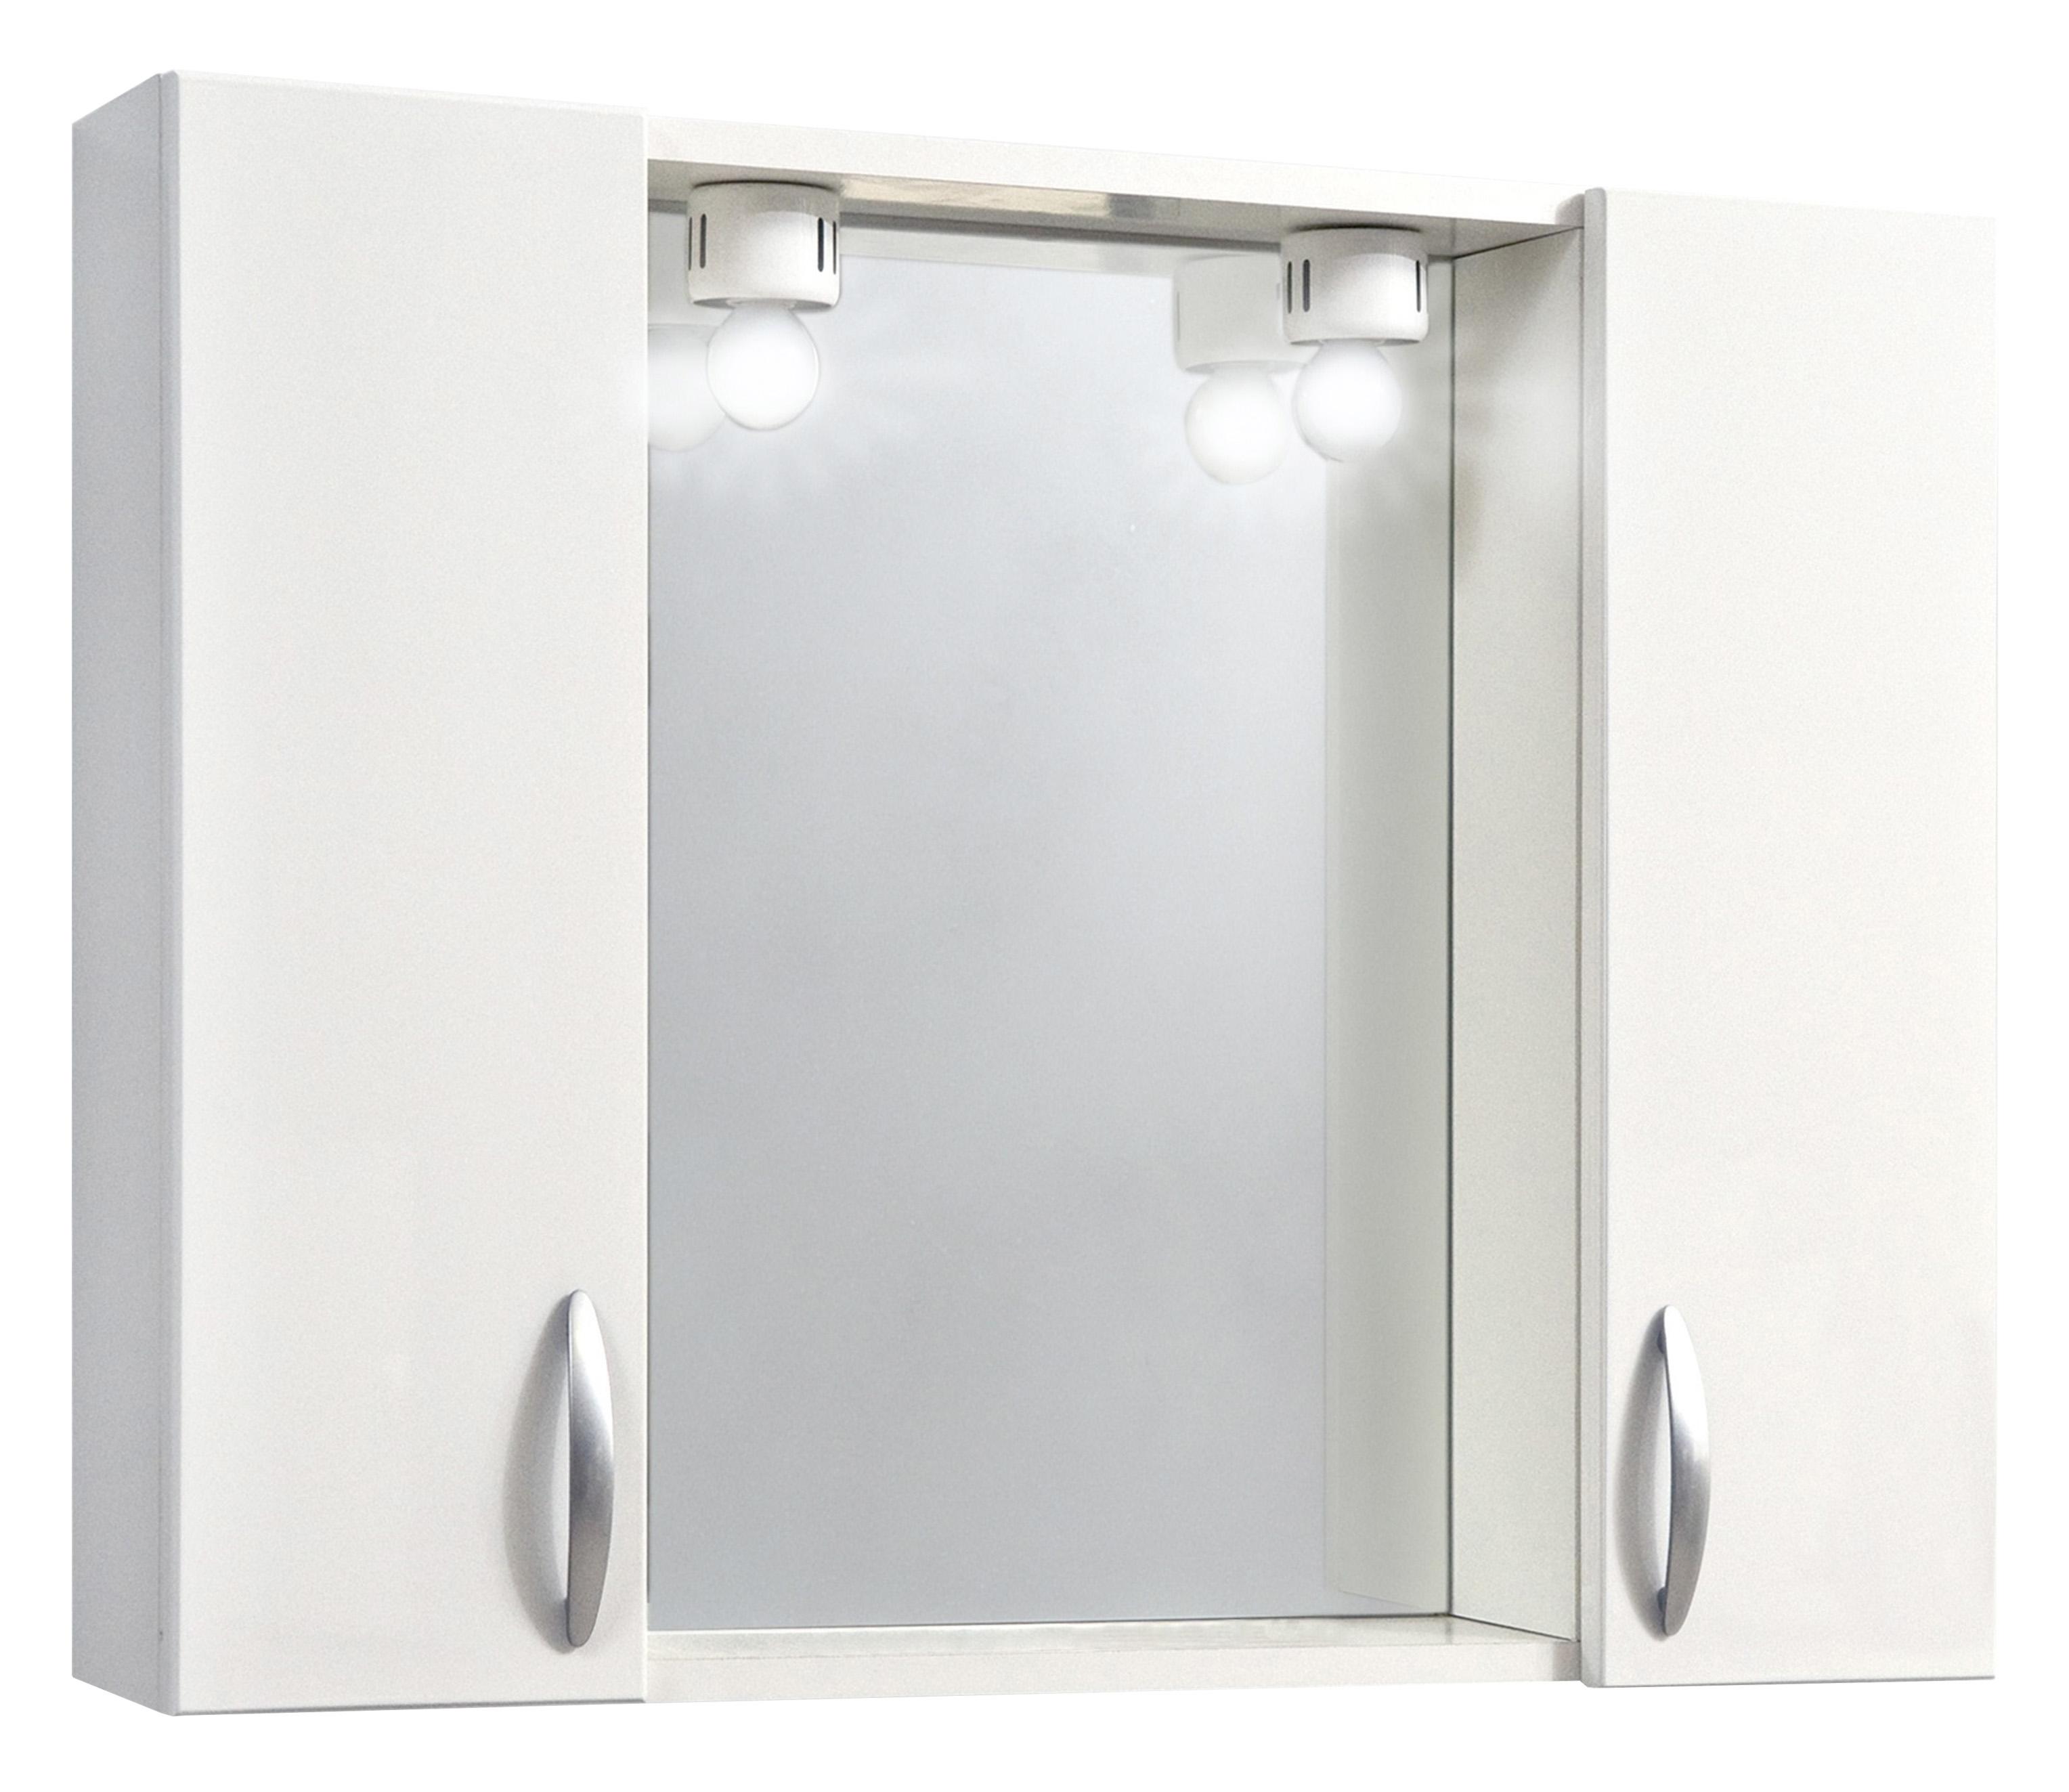 Specchio da bagno con 2 ante bianco delait design light decor - Specchio con ante per bagno ...